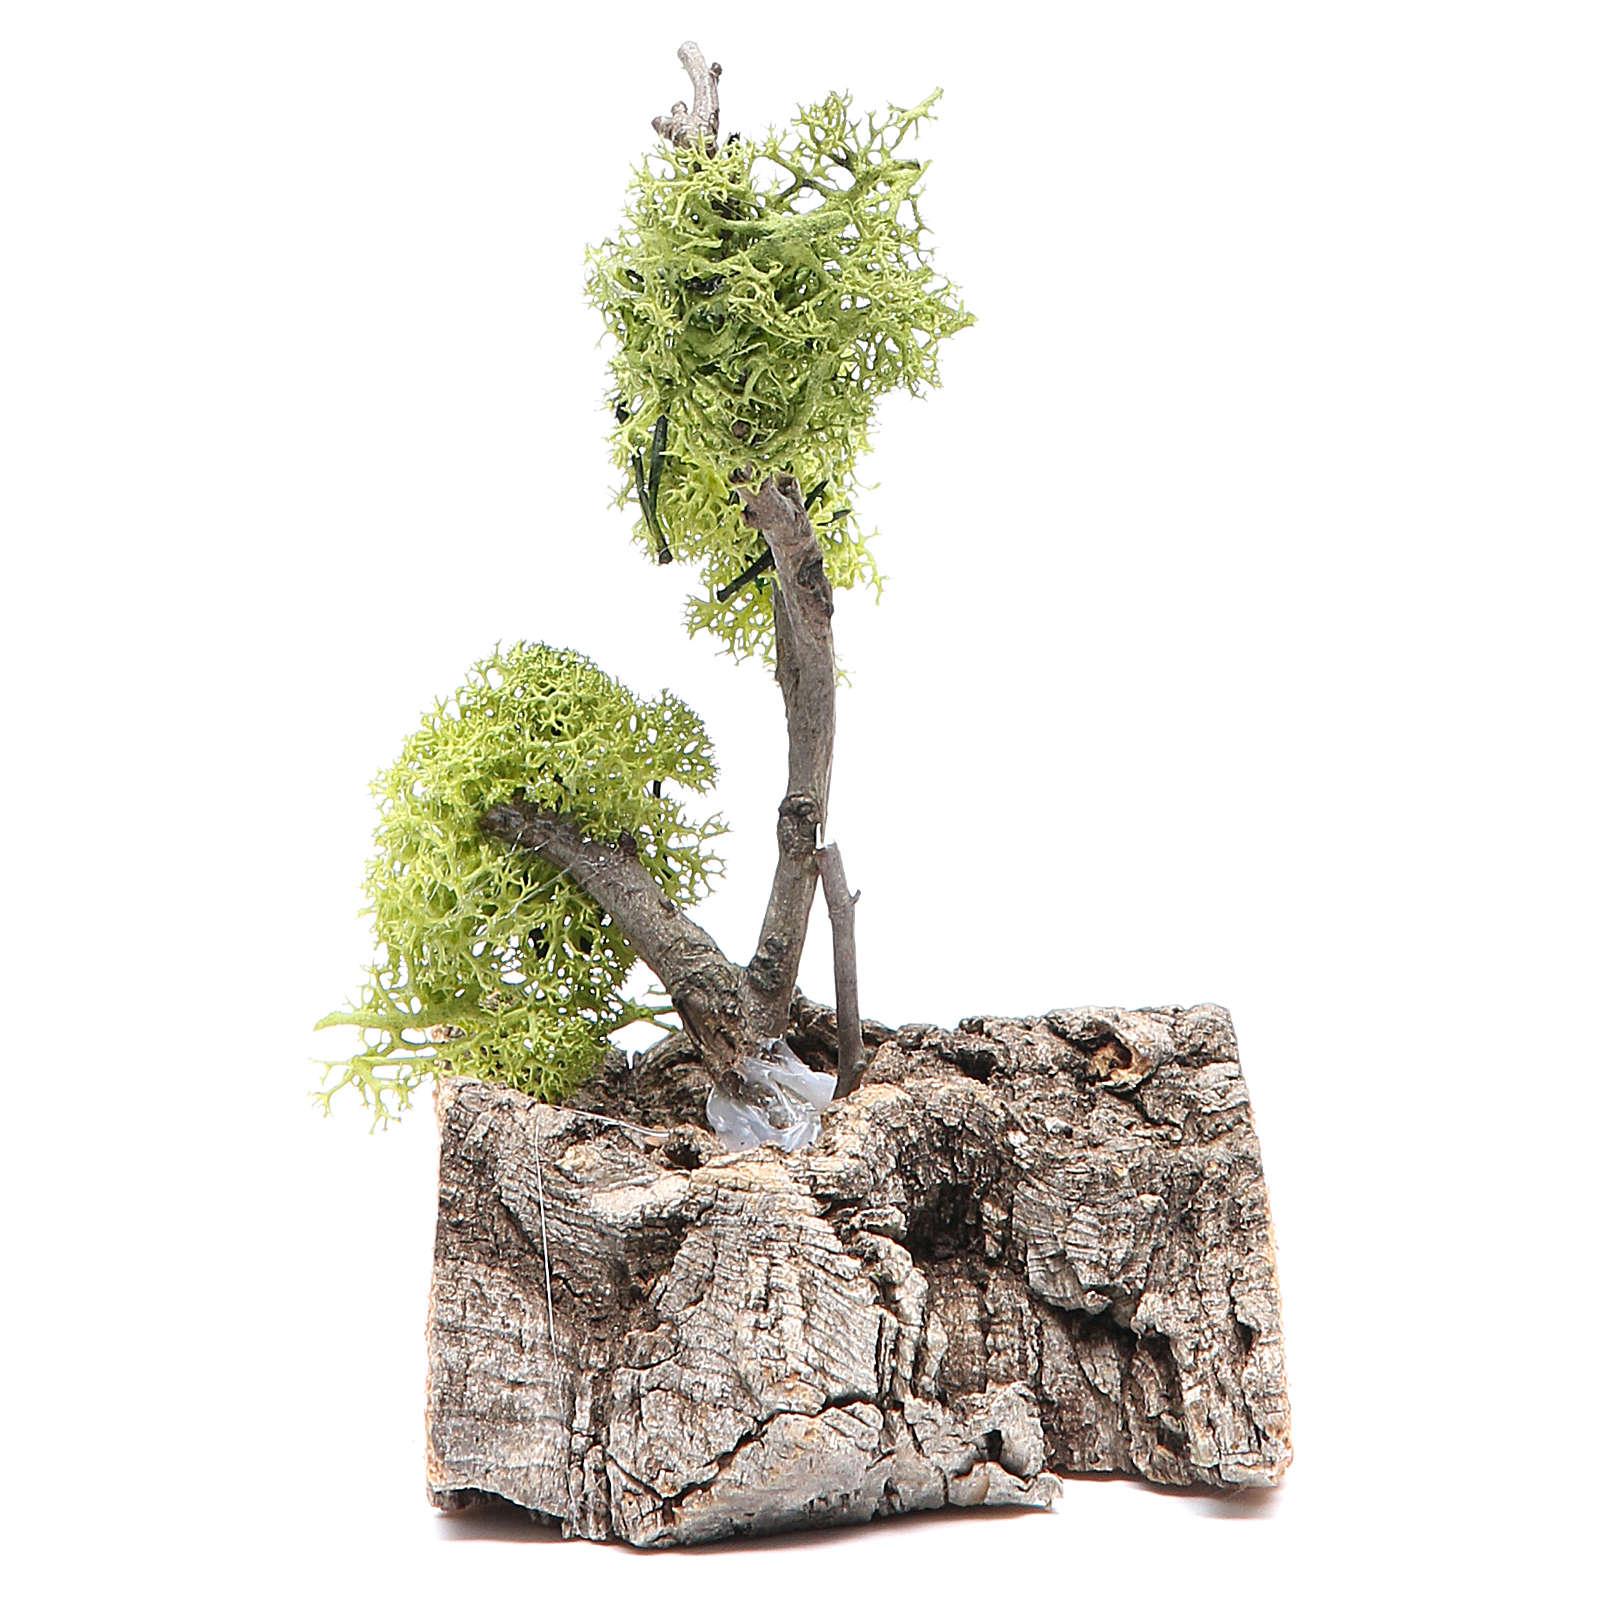 Albero con lichene su roccia 13x8x8 4